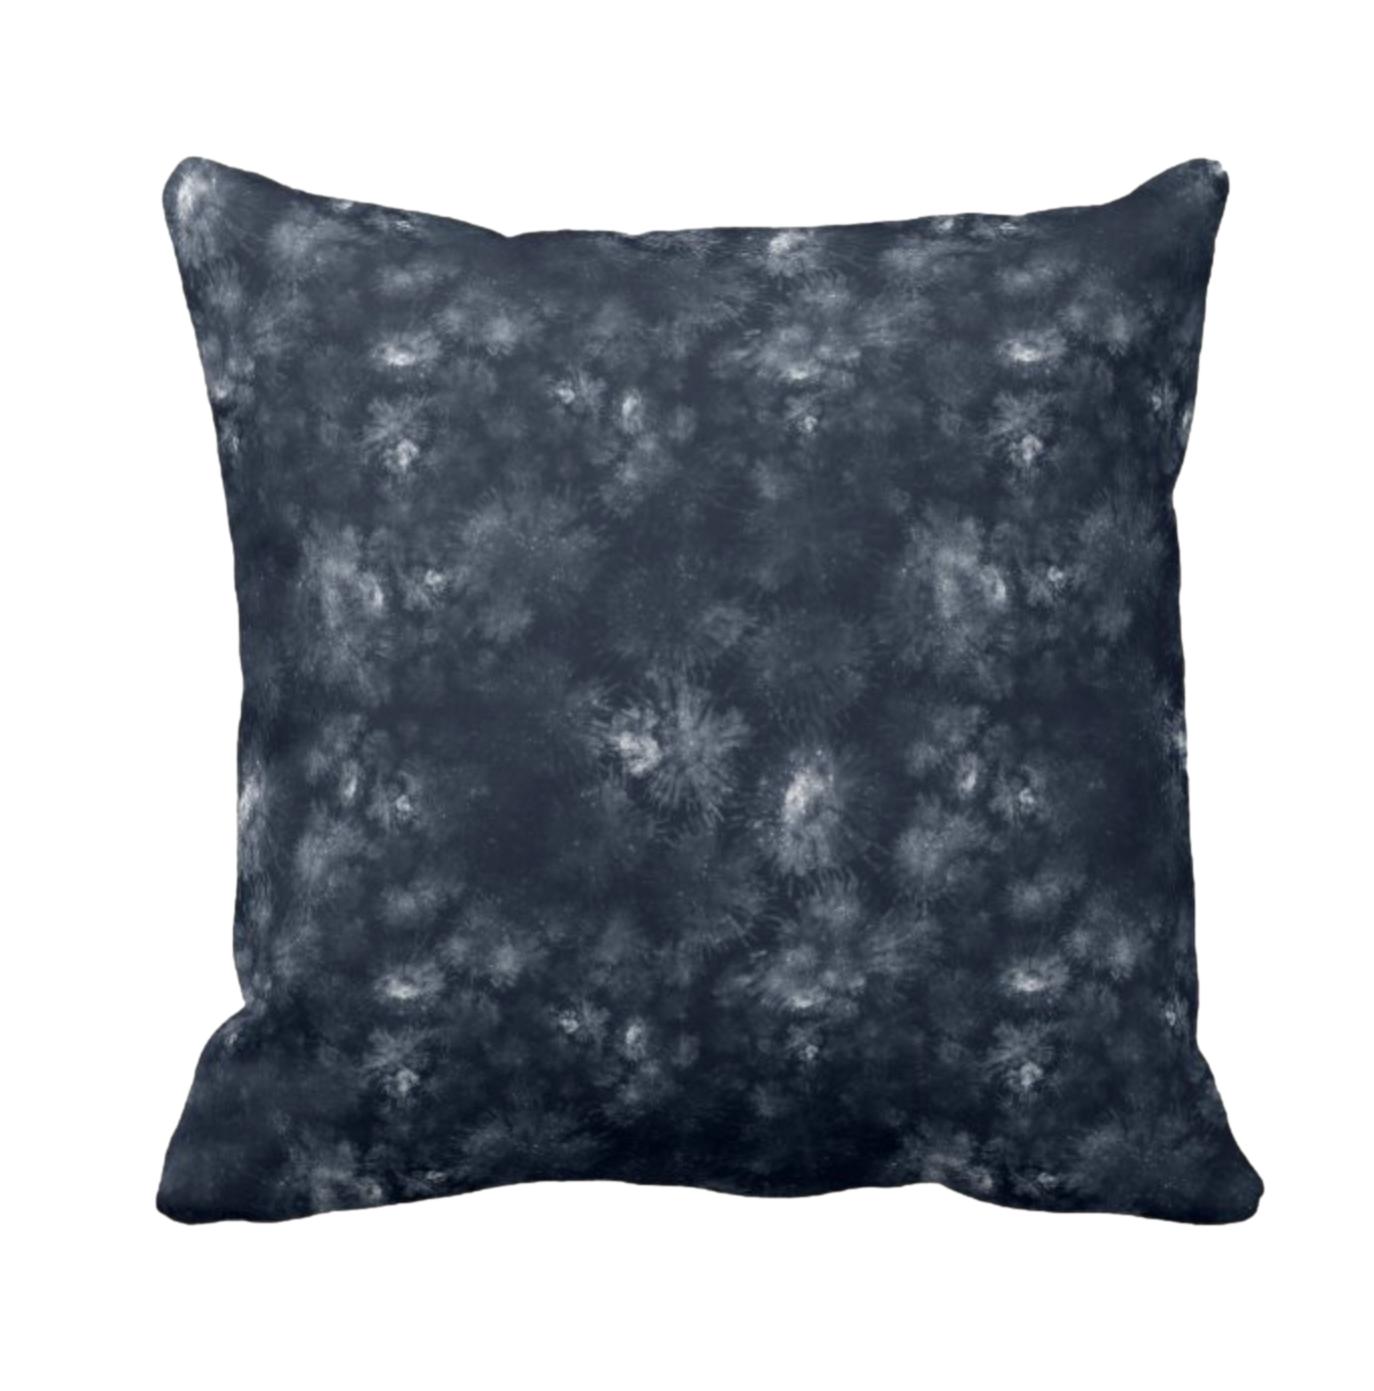 Tie Dye Print Design Throw Cushion 9